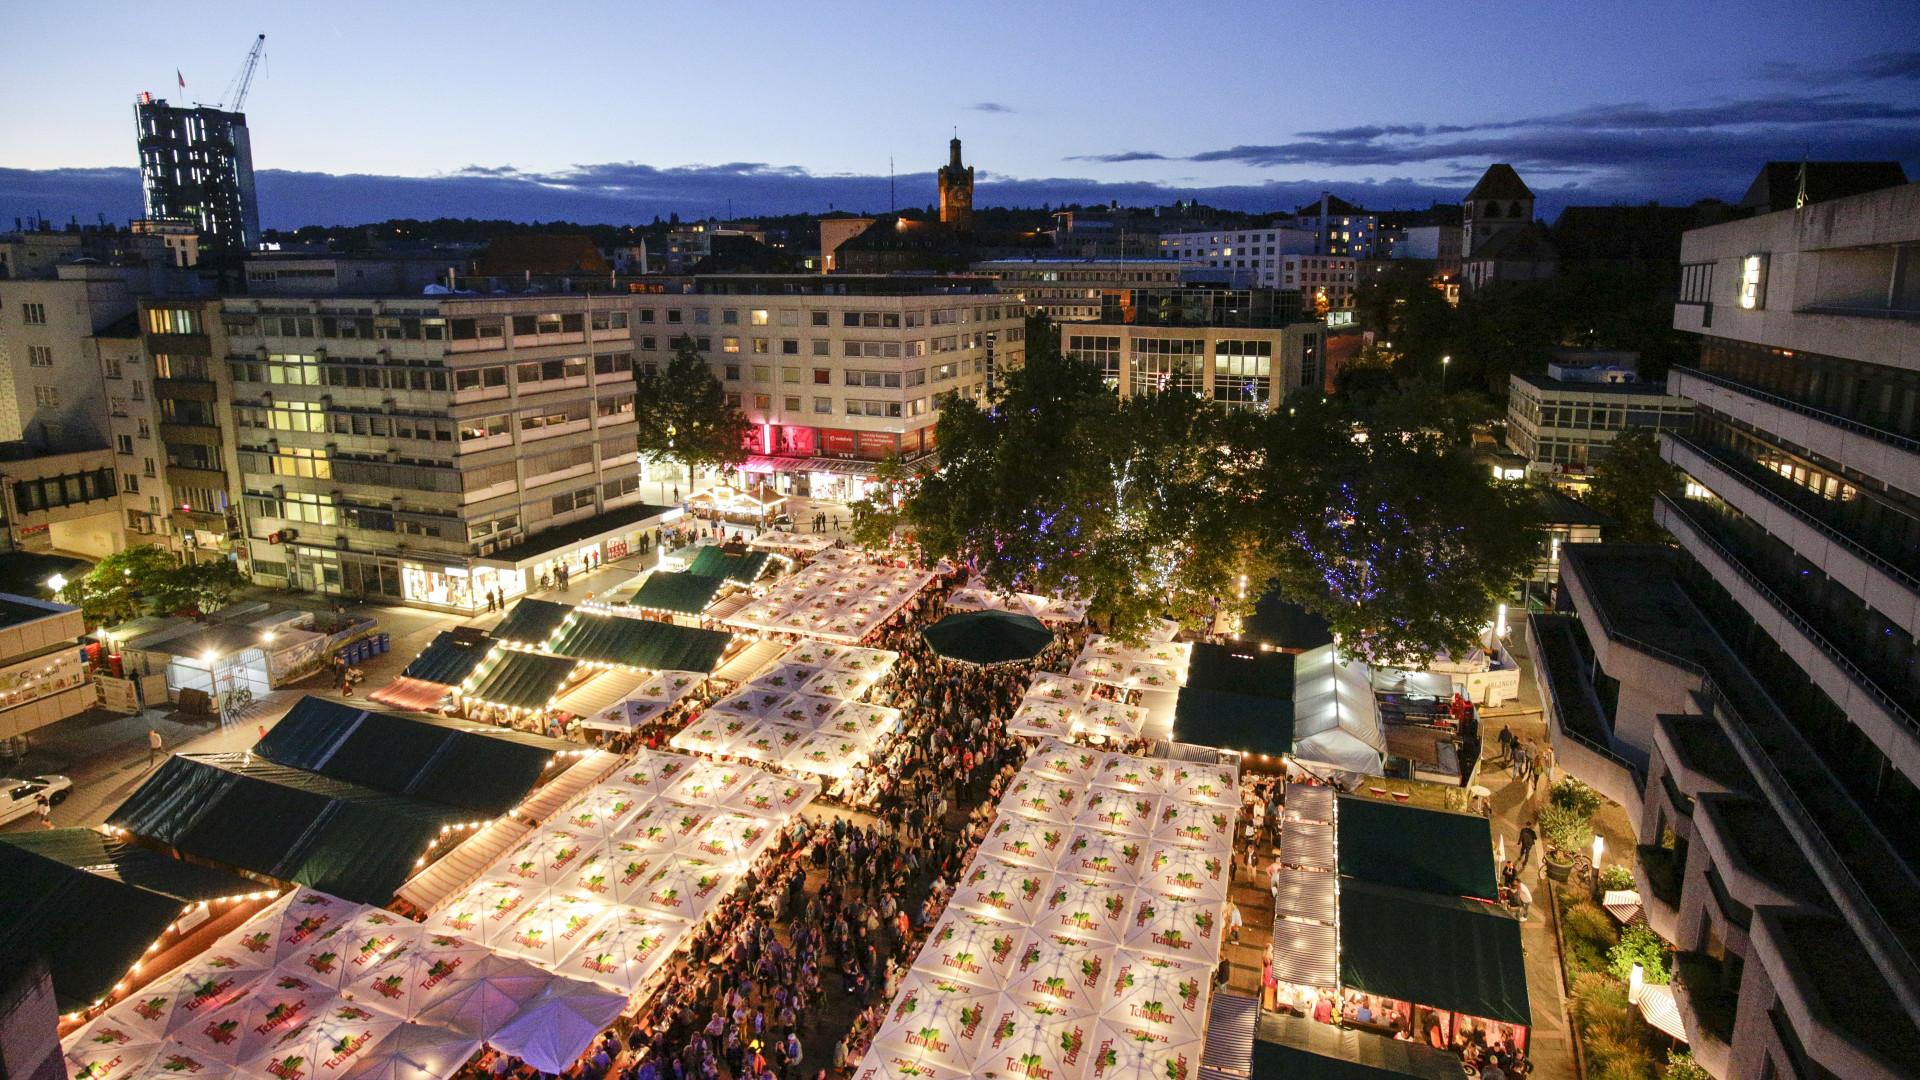 Festival Pforzheim